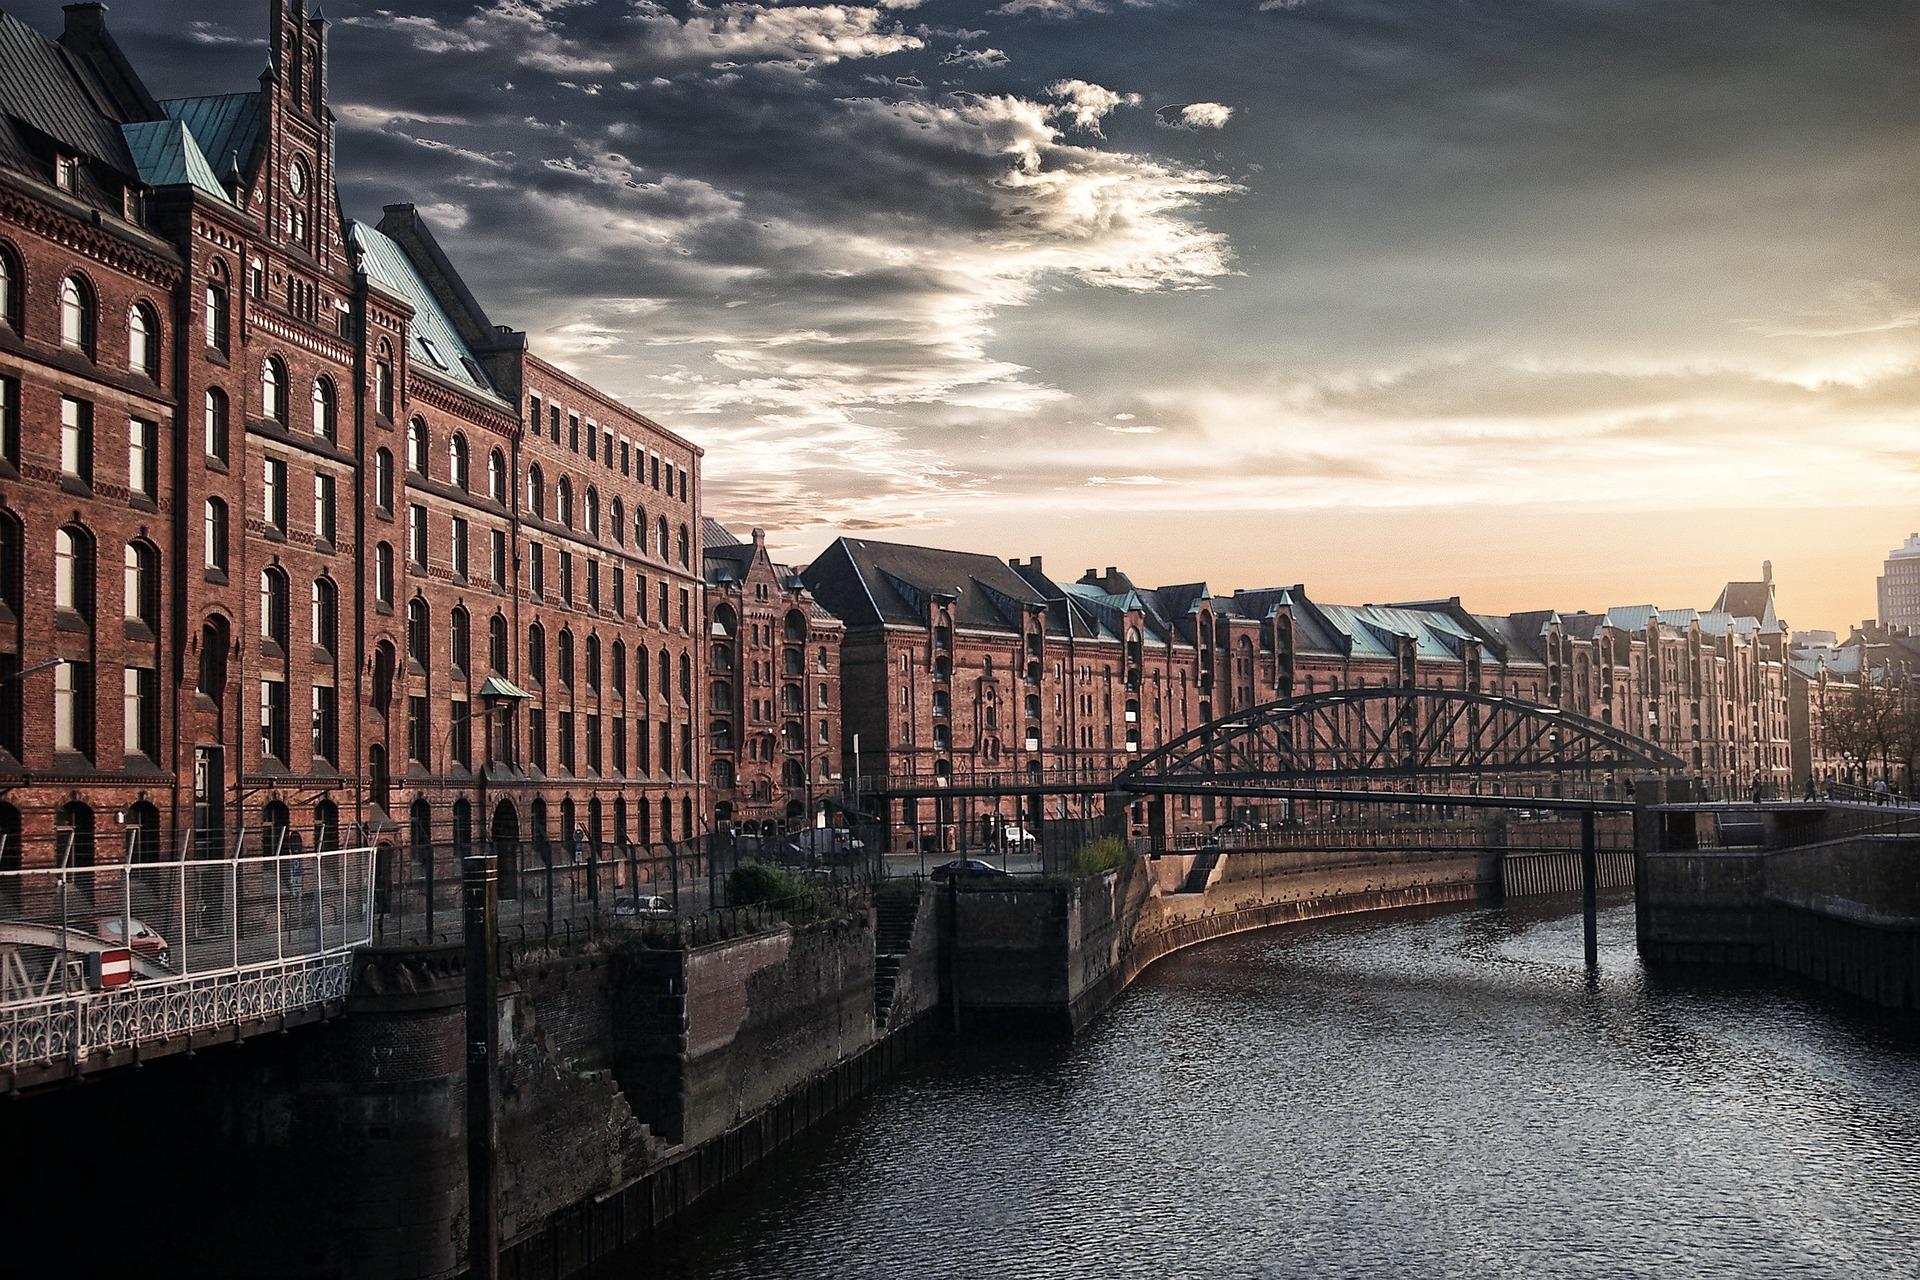 Cidade, Rio, ponte, Céu, Hamburgo - Papéis de parede HD - Professor-falken.com